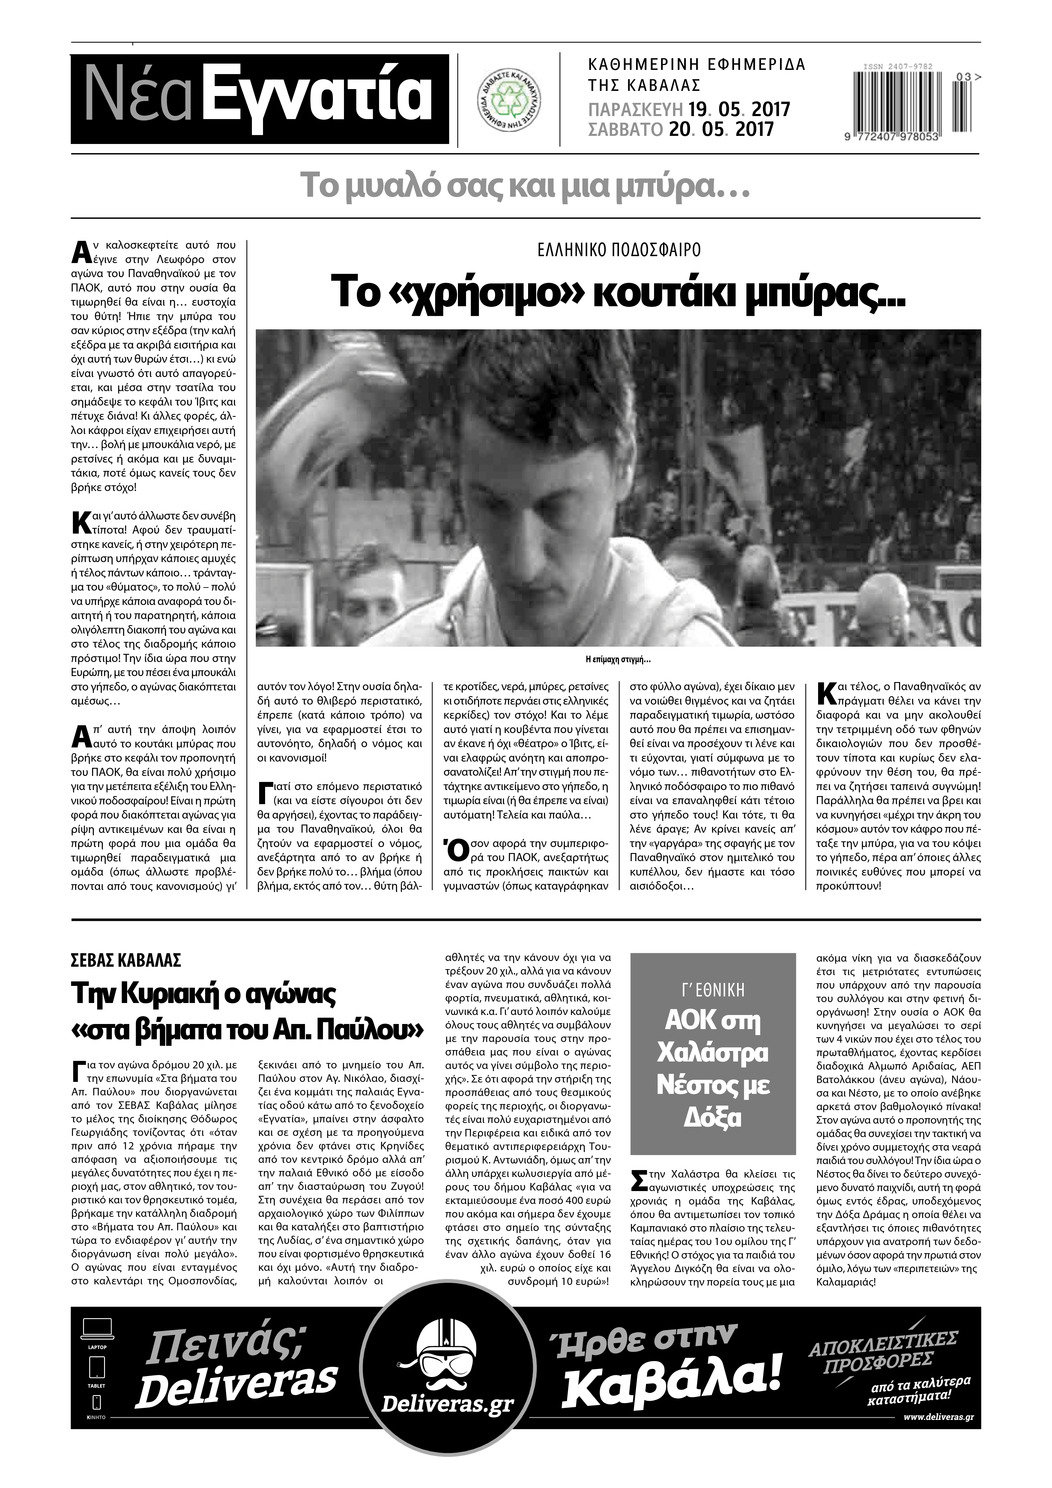 Οπισθόφυλλο εφημερίδας Νέα Εγνατία